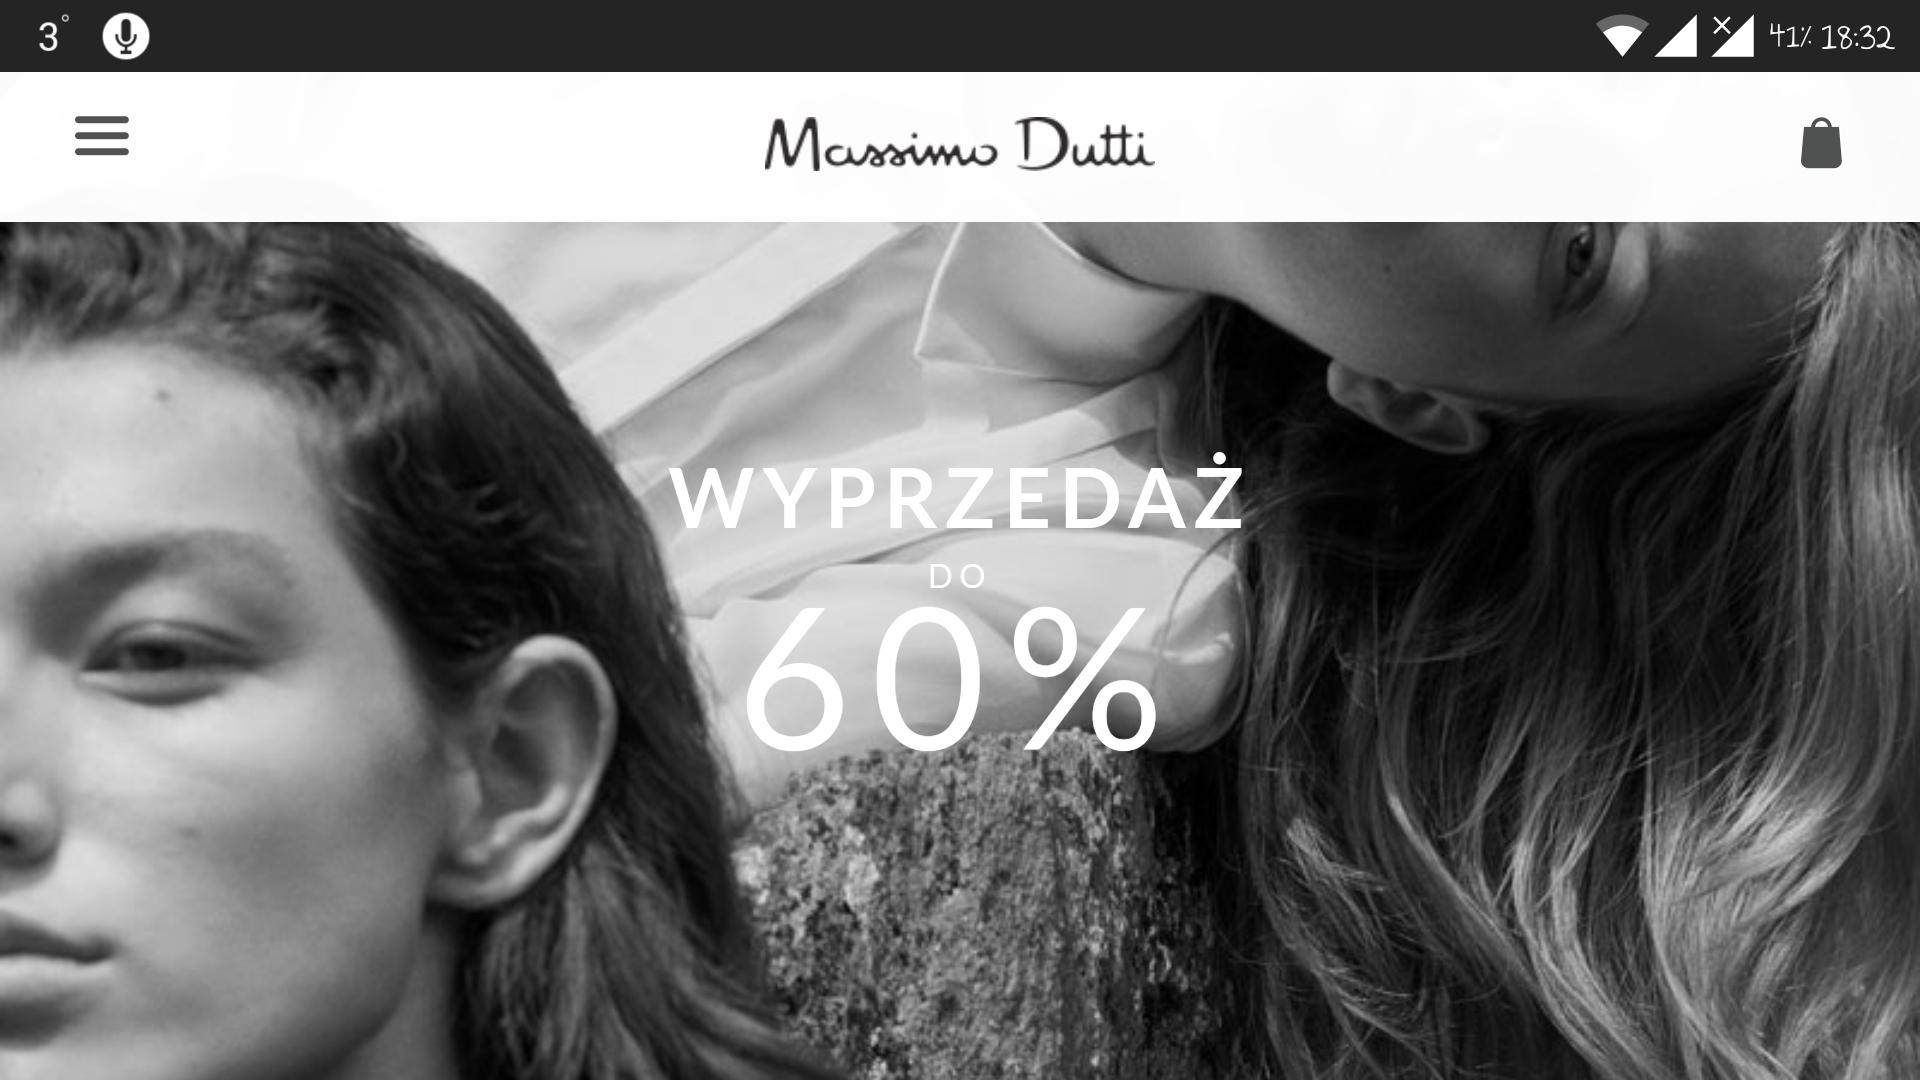 Massimo Dutti do -60%